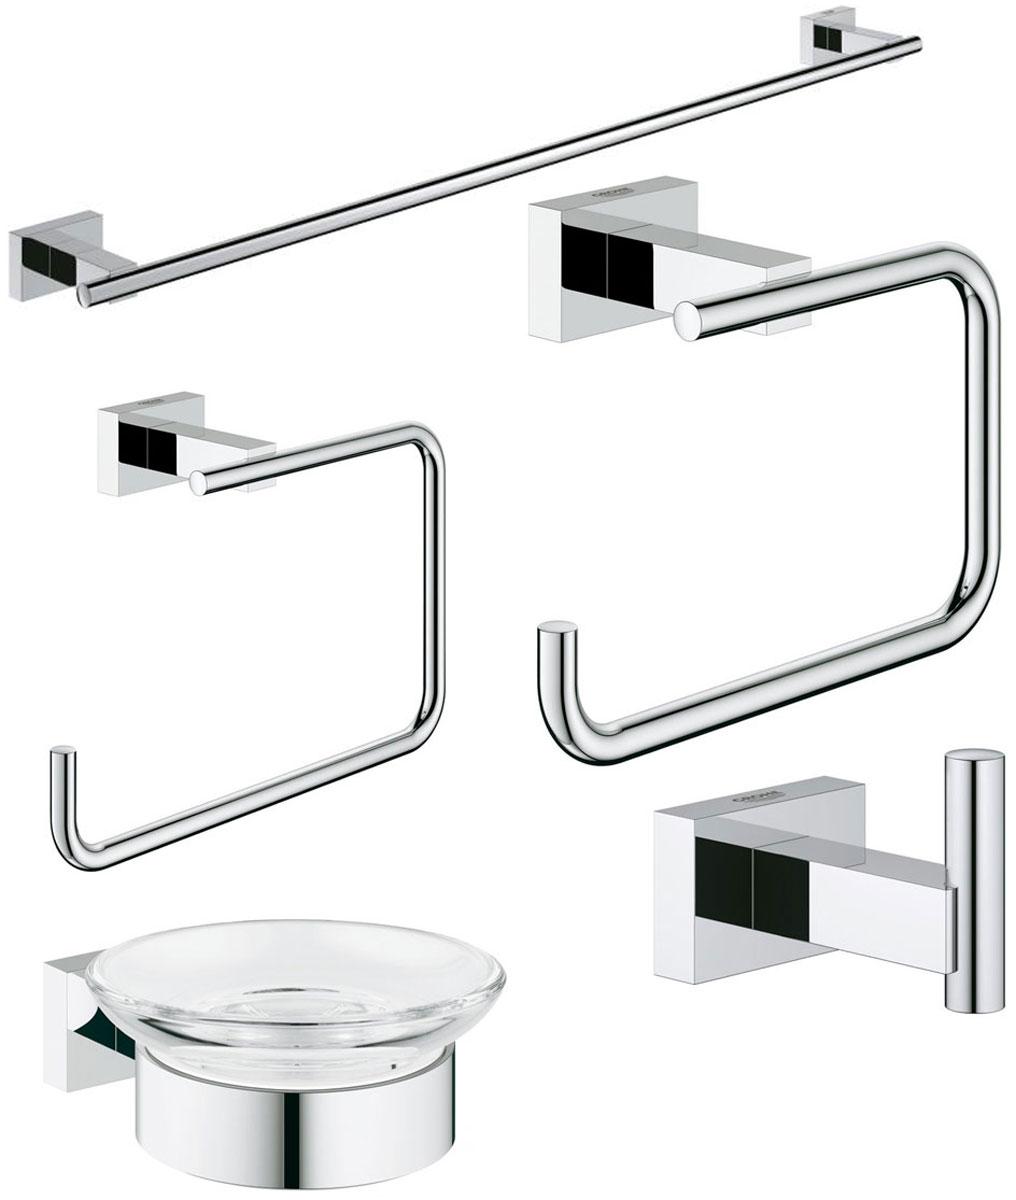 Набор аксессуаров для ванной комнаты Grohe Essentials Cube, 5 предметовRG-D31SНабор аксессуаров для ванной комнаты Grohe Essentials Cube включает мыльницу с держателем, держатель для банного полотенца, держатель туалетной бумаги, крючок для банного халата и кольцо для полотенца. Набор очень практичен и функционален. Изделия выполнены из металла с хромированным покрытием. Благодаря специальной технологии Grohe StarLight покрытие обеспечивает сияющий блеск на протяжении всего срока службы. Кроме того, оно отталкивает грязь, не тускнеет и обладает высокой степенью износостойкости. Аксессуары крепятся к стене (крепежные элементы поставляются в комплекте). Крепление скрытое.Благодаря неизменно актуальному дизайну и долговечному хромированному покрытию, такой набор отлично дополнит интерьер ванной комнаты, воплощая собой изысканный стиль и превосходное качество.Размер кольца для полотенец: 19 х 11,5 х 6 см. Размер крючка: 6 х 4 х 4 см. Размер держателя туалетной бумаги: 14 х 9 х 6 см. Диаметр мыльницы: 11 см. Размер мыльницы (с держателем): 12 х 11 х 4,5 см. Длина держателя для банного полотенца: 60 см.